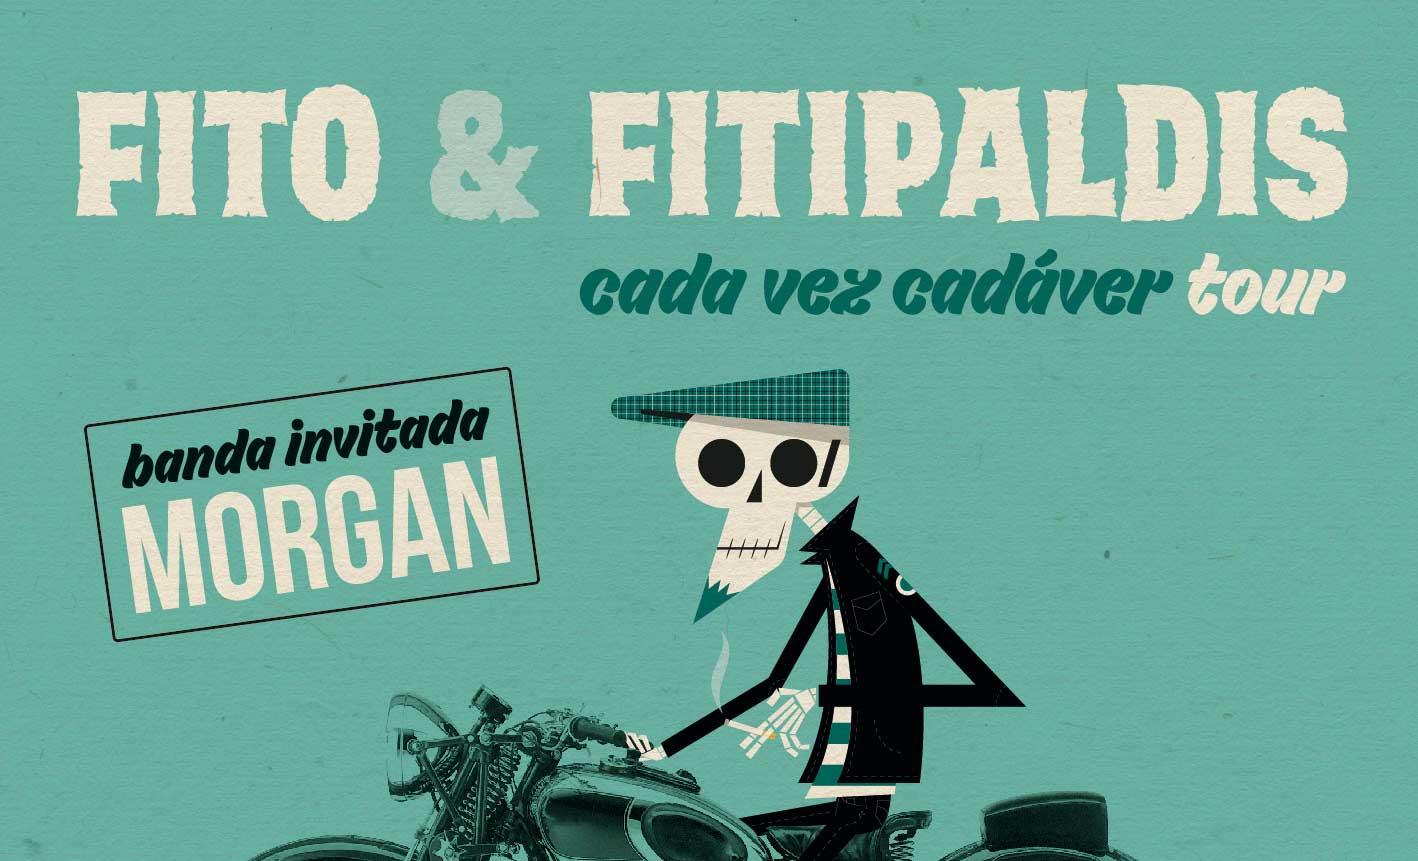 Fito & Fitipaldis Cada vez cadaver tour